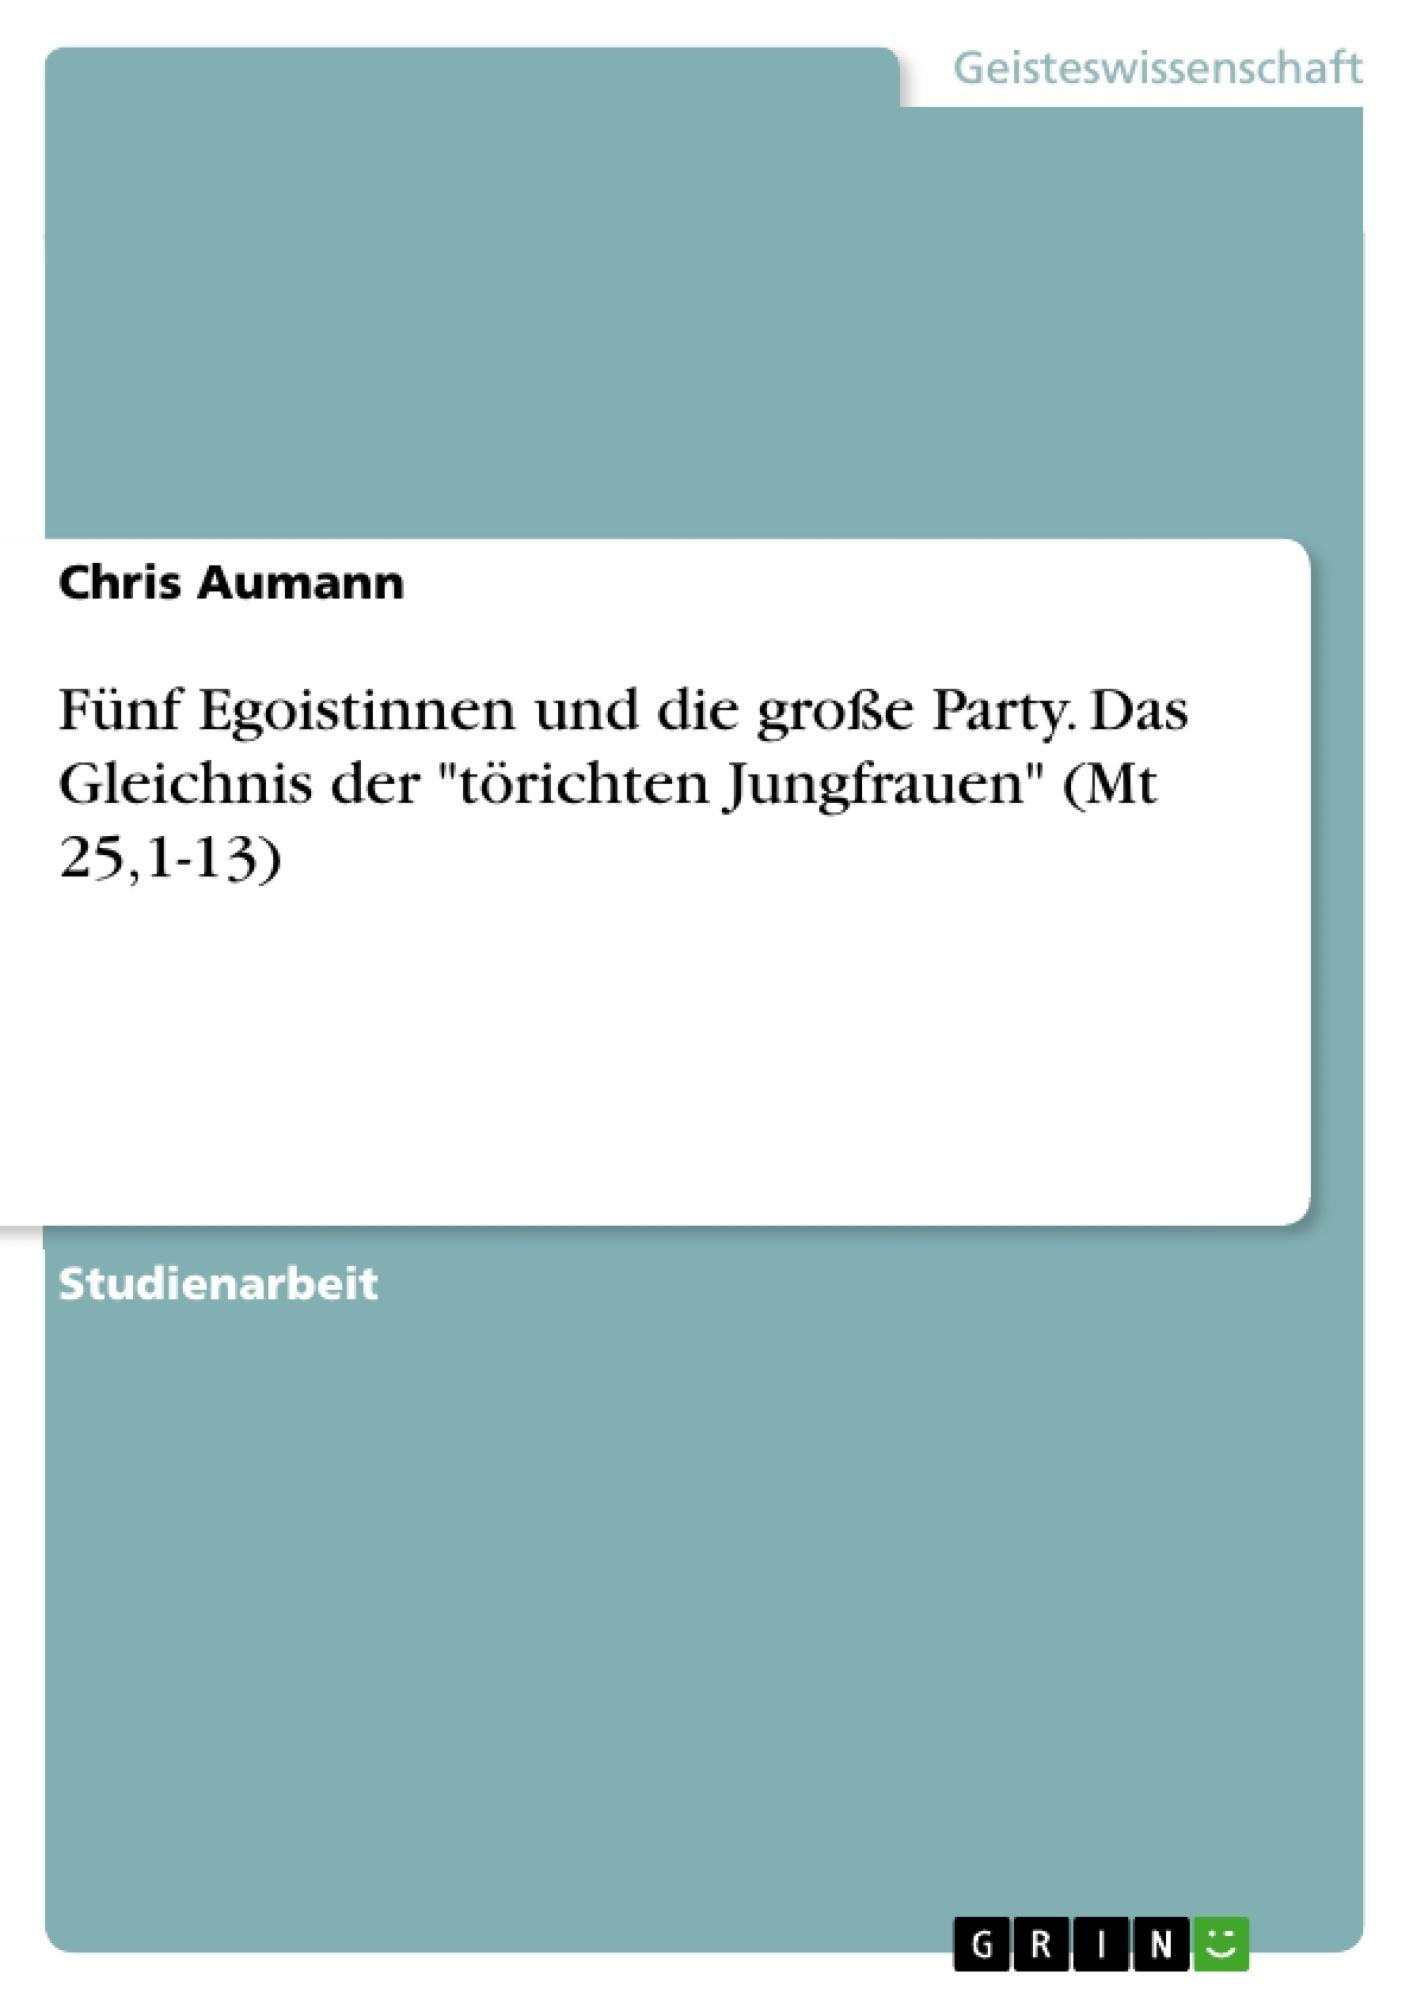 """Titel: Fünf Egoistinnen und die große Party. Das Gleichnis der """"törichten Jungfrauen"""" (Mt 25,1-13)"""